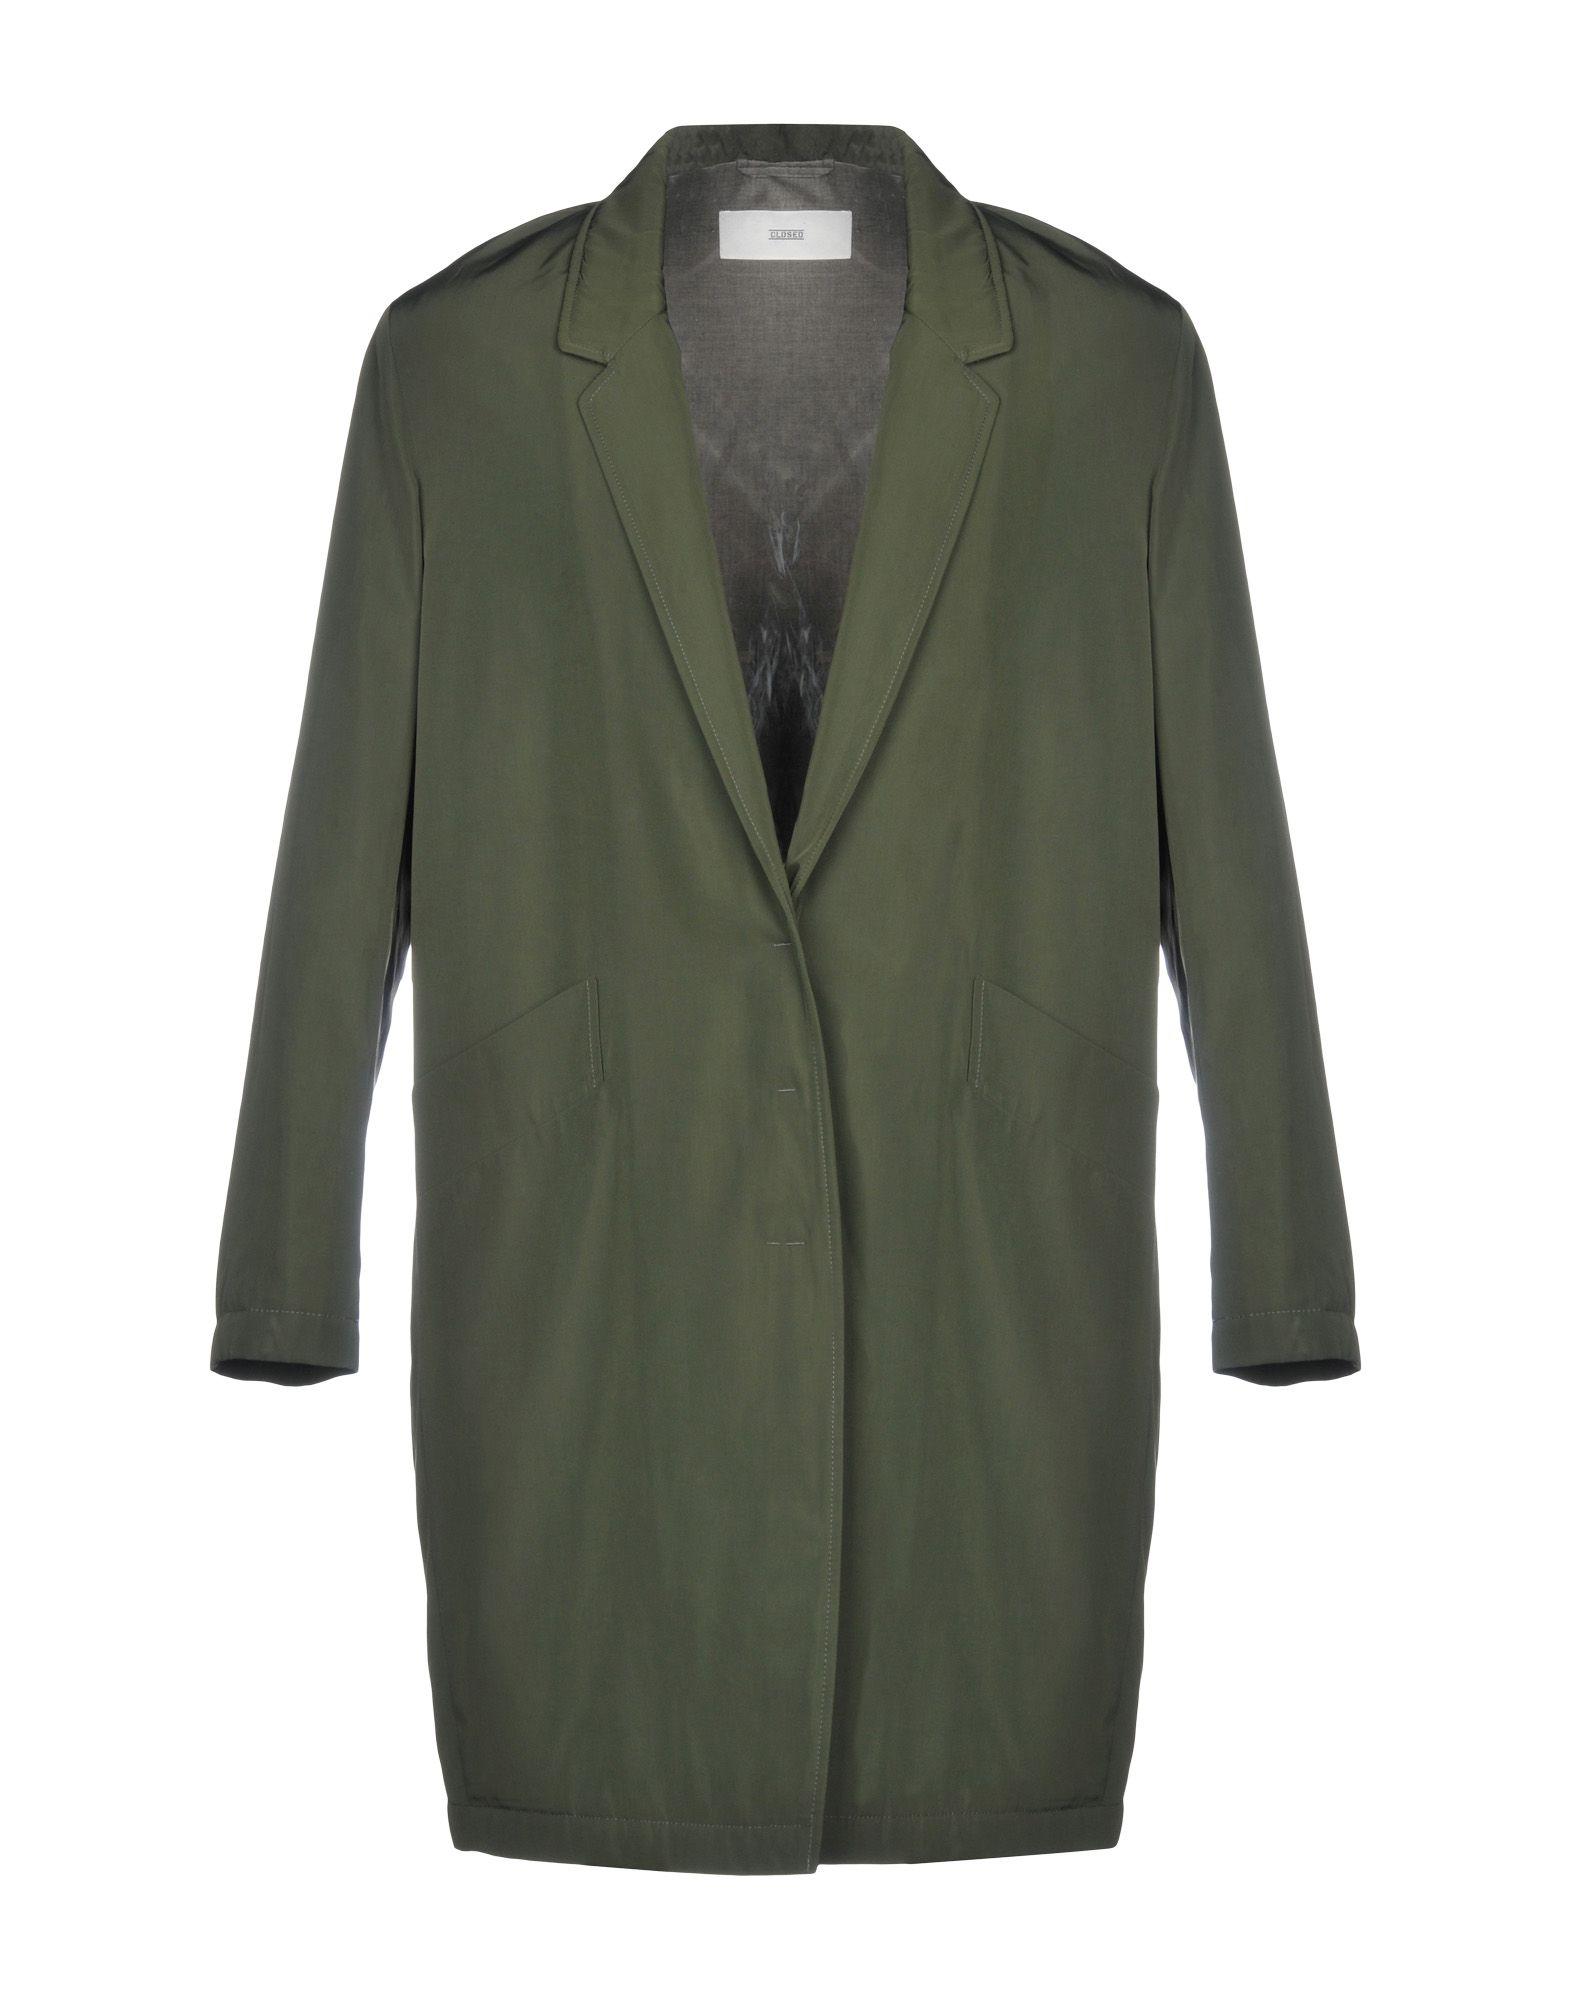 CLOSED Легкое пальто приманка для рыбалки 2 gt gt